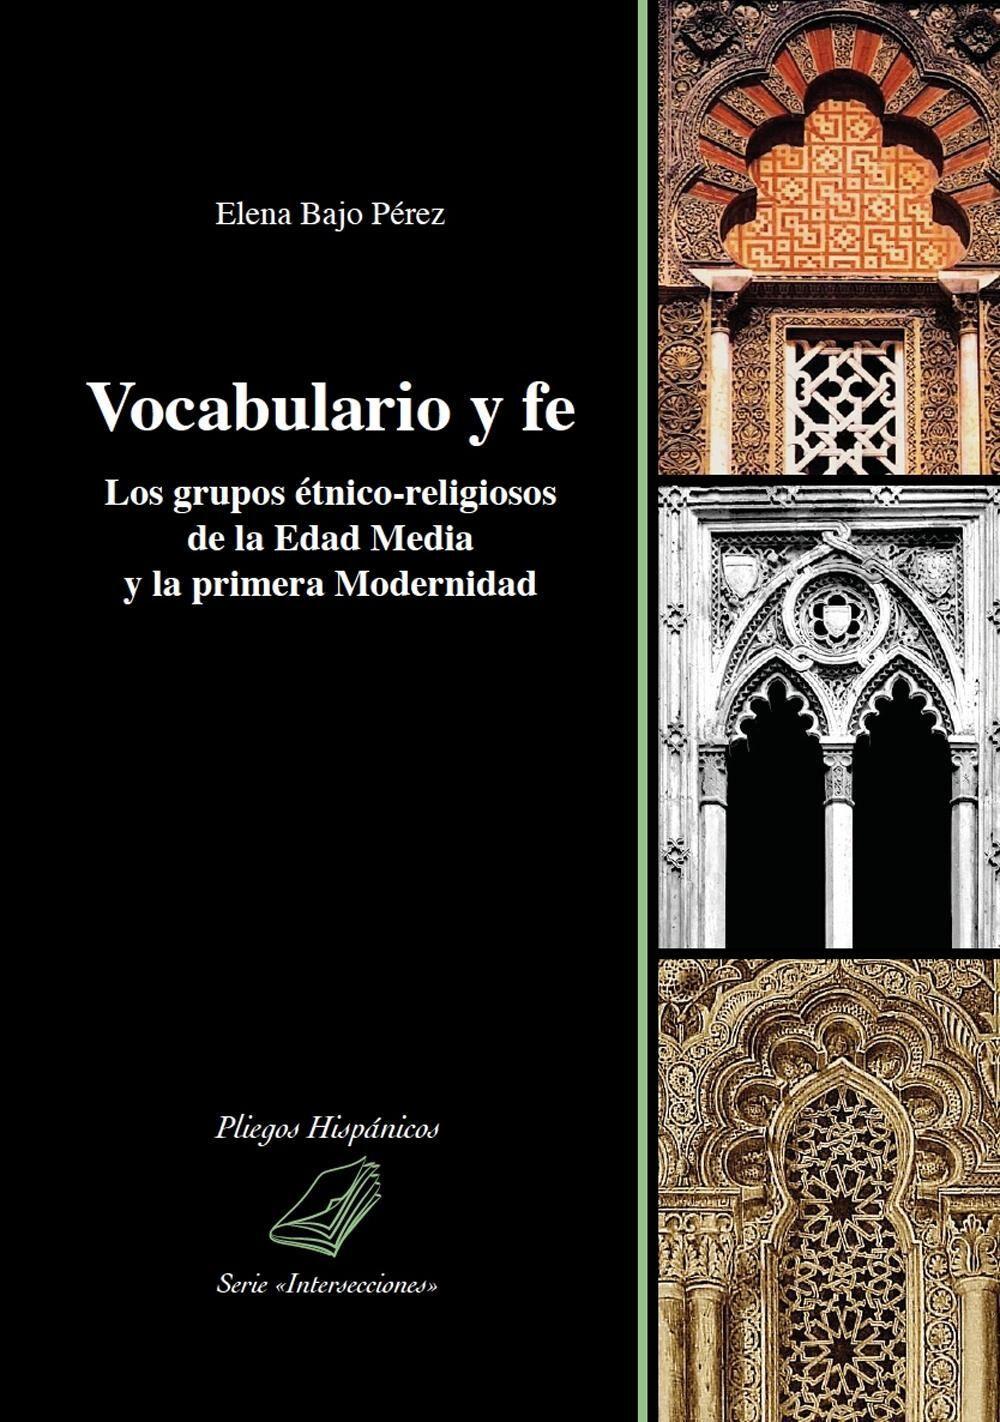 Vocabulario y fe. Los grupos étnico-religiosos de la edad media y la primera modernidad